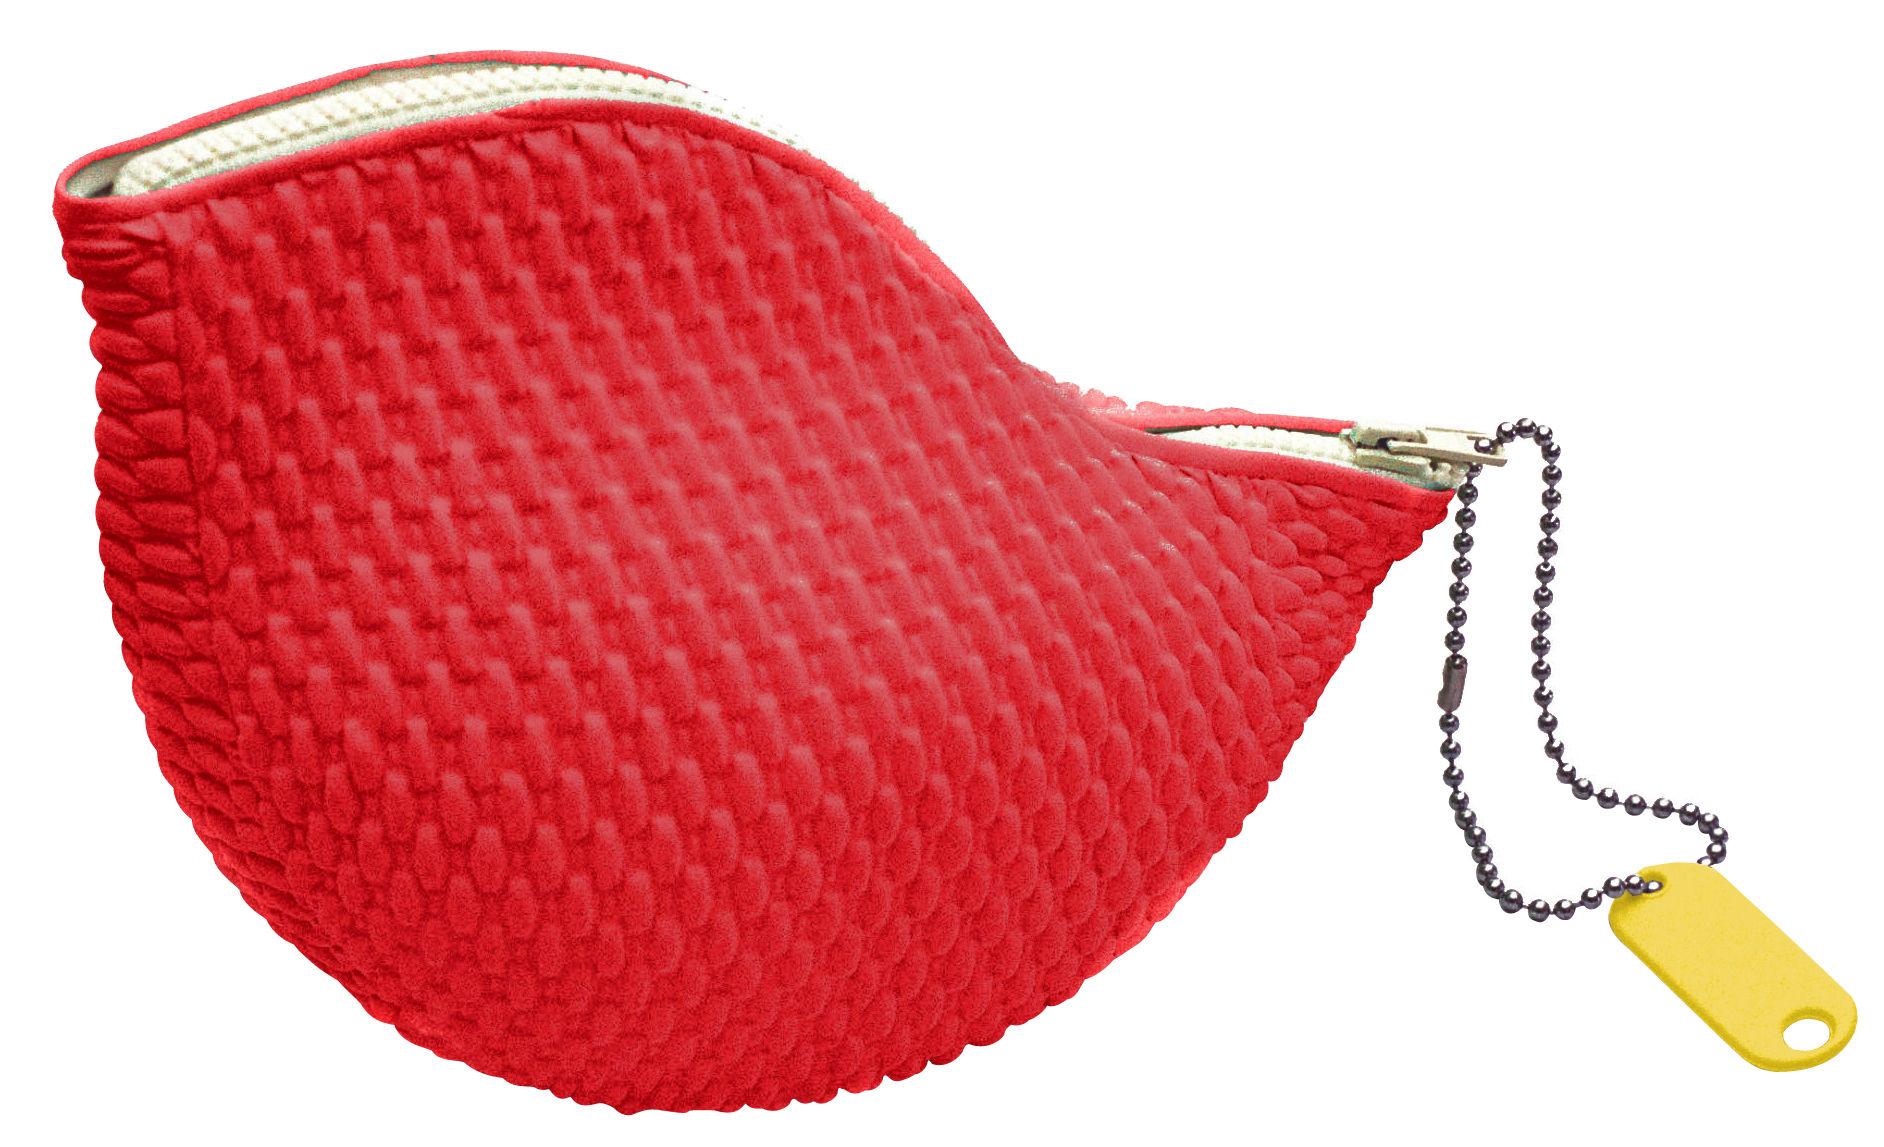 Accessoires - Sacs, trousses, porte-monnaie... - Trousse de toilette Goosebumps - Pension Für Produkte - Pop Corn - Rouge - Caoutchouc